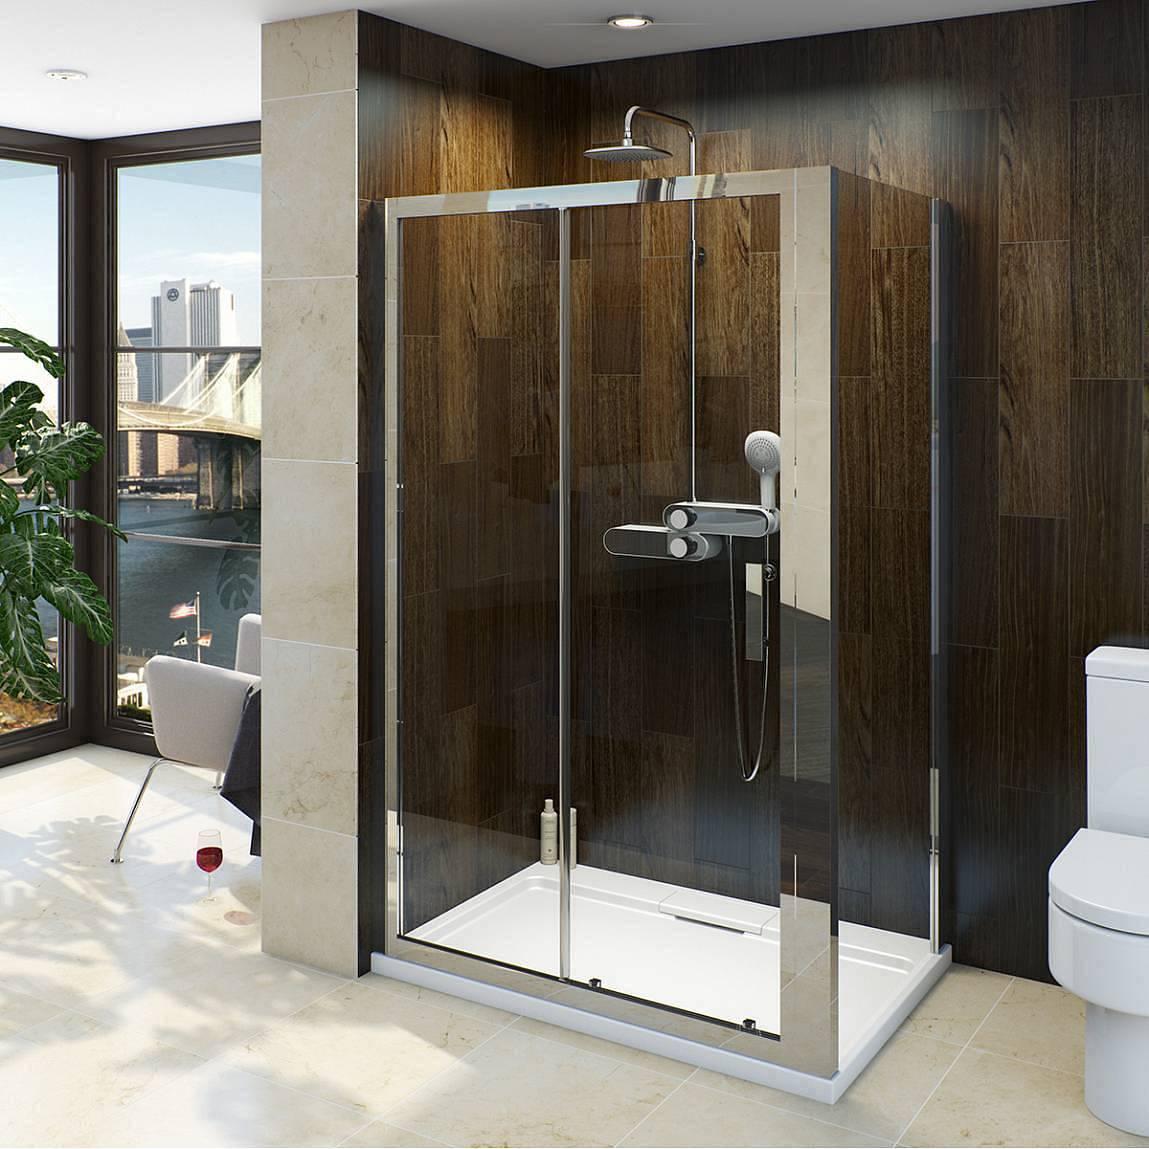 Image of V8 Framed Sliding Shower Enclosure 1000 x 800